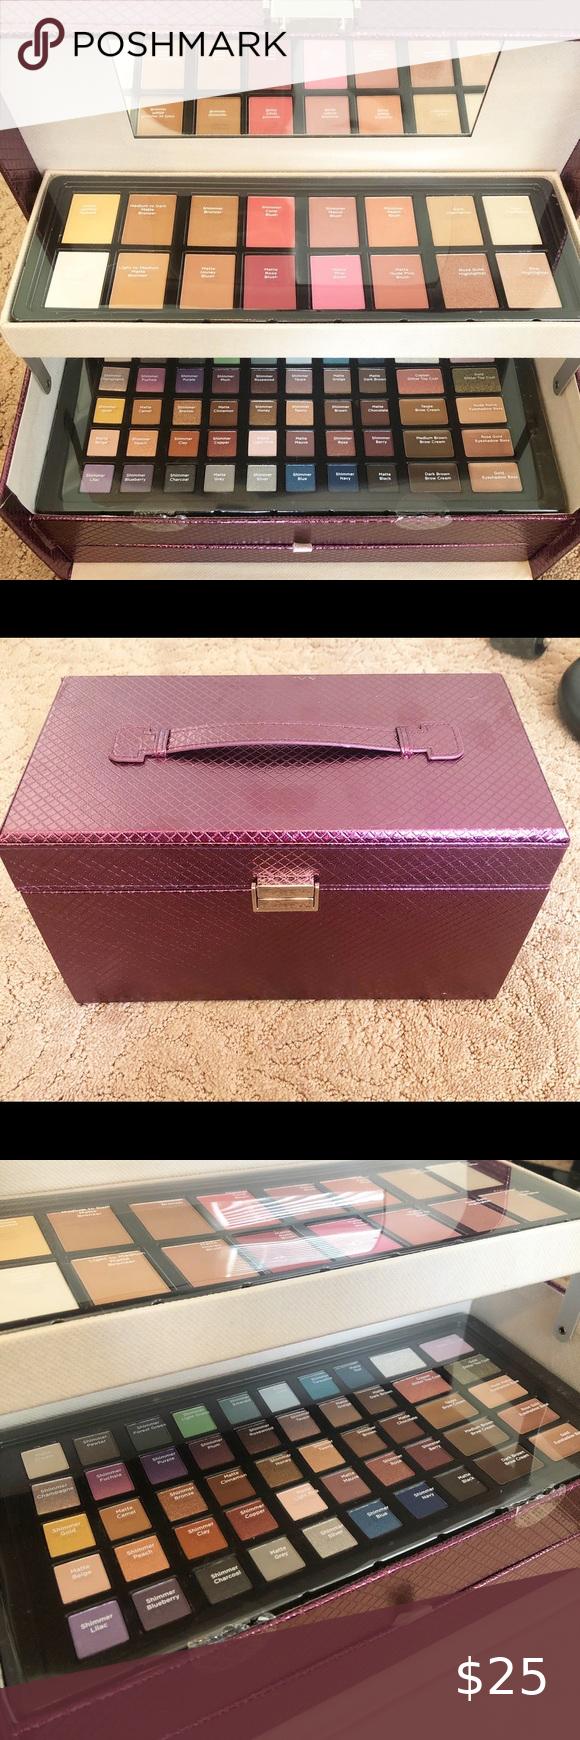 Brand New Ulta Makeup Kit | Makeup kit, Ulta makeup, Ulta ...